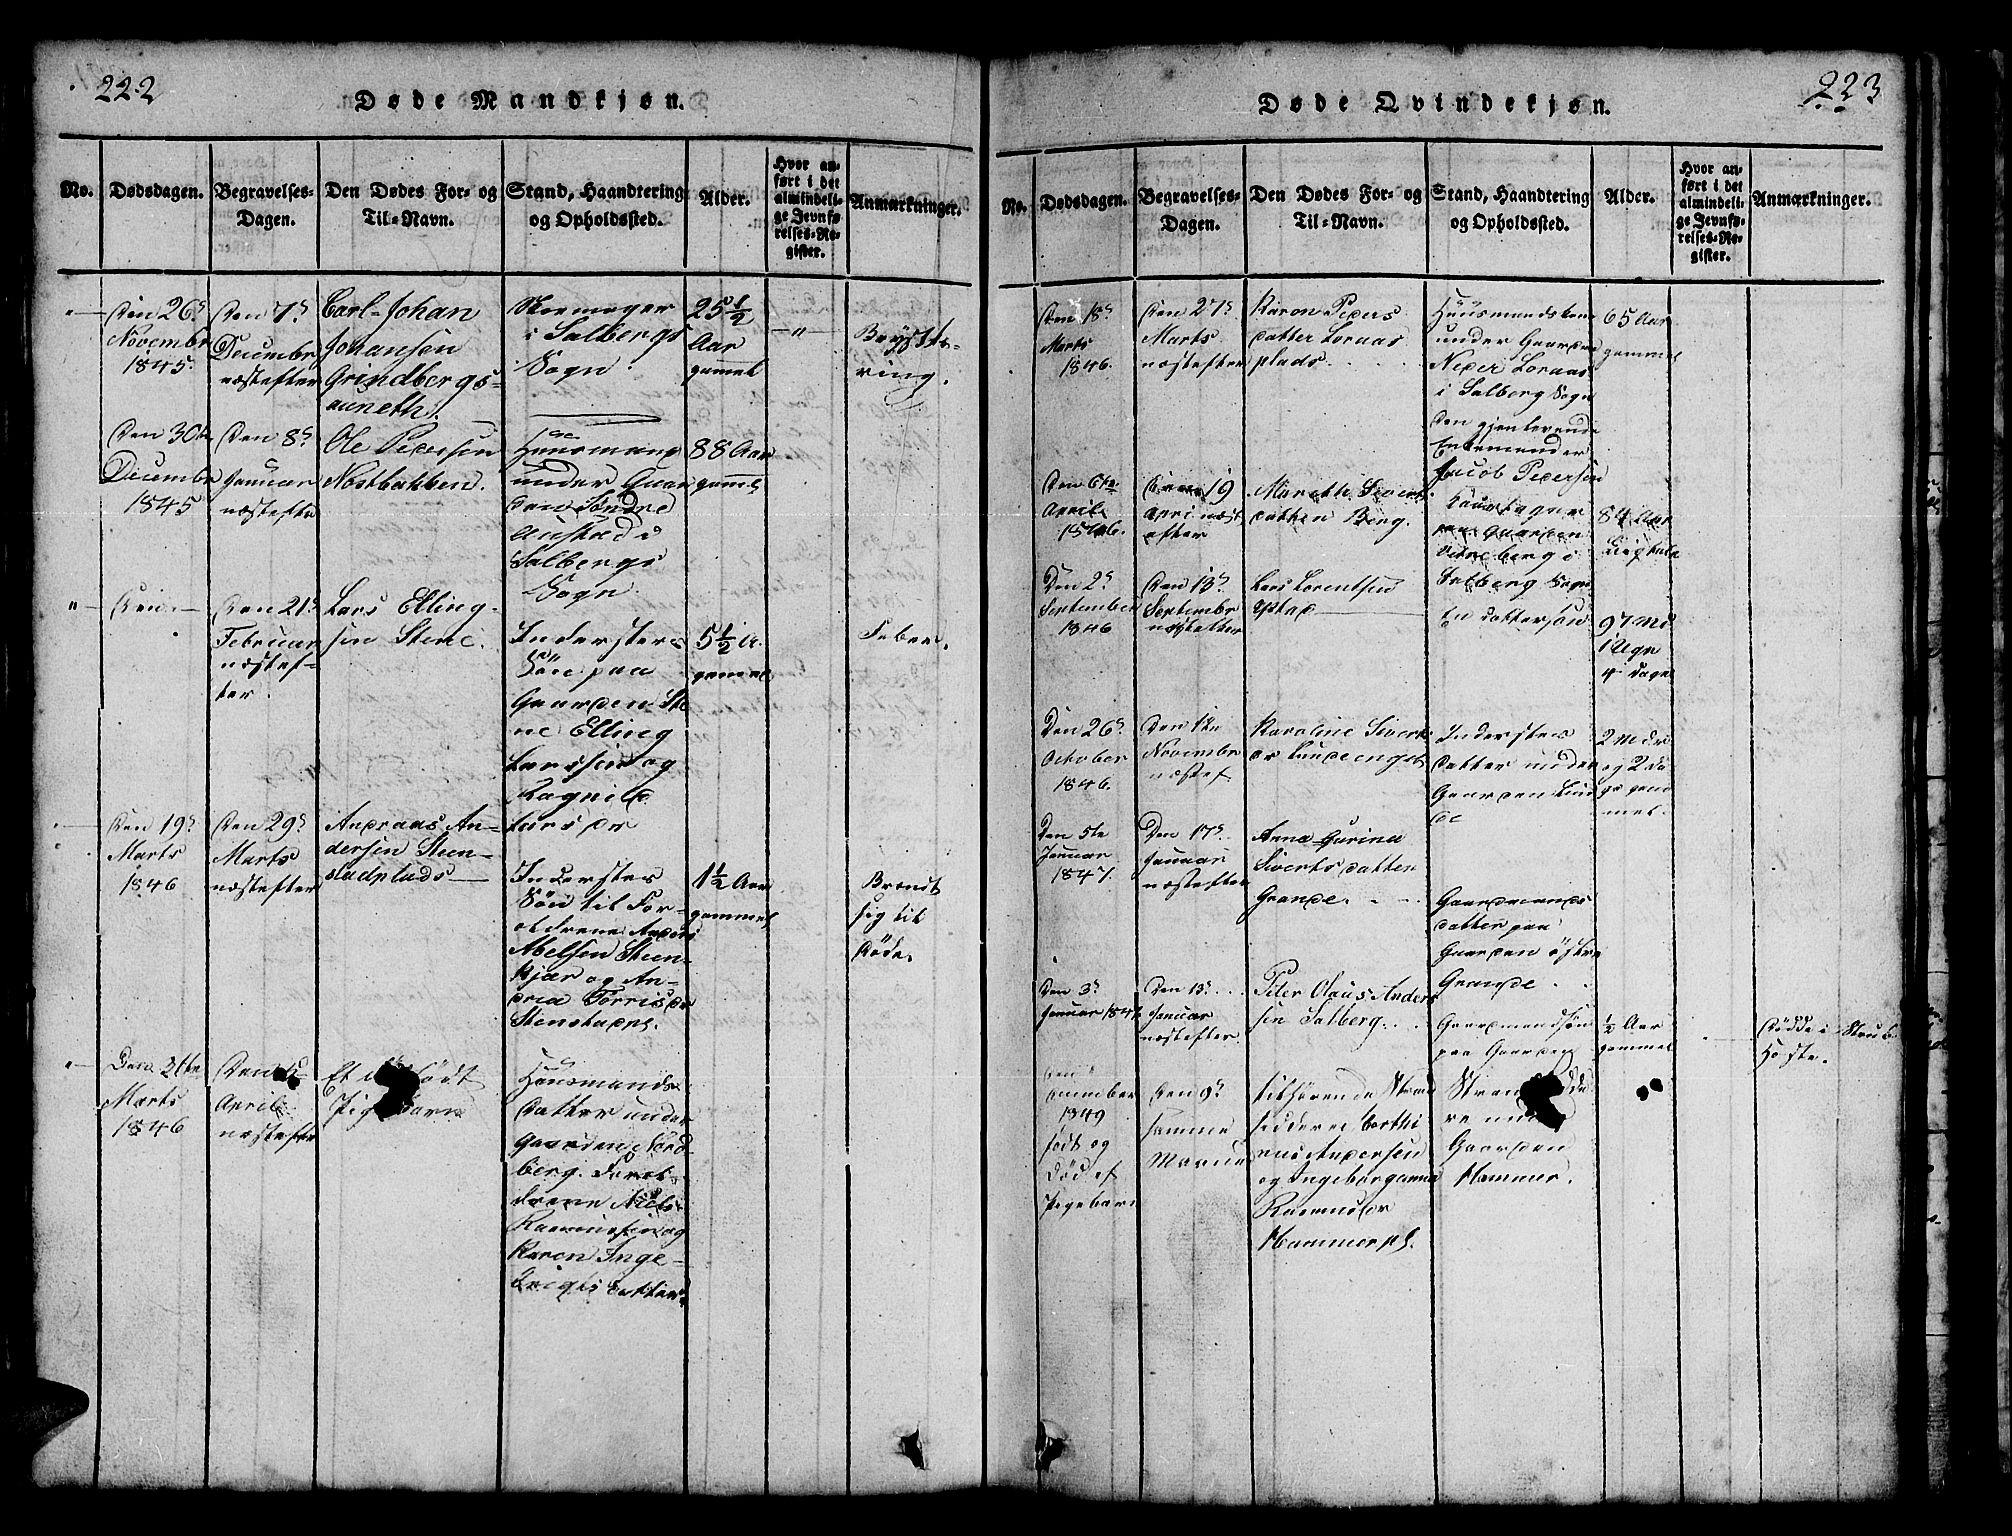 SAT, Ministerialprotokoller, klokkerbøker og fødselsregistre - Nord-Trøndelag, 731/L0310: Klokkerbok nr. 731C01, 1816-1874, s. 222-223